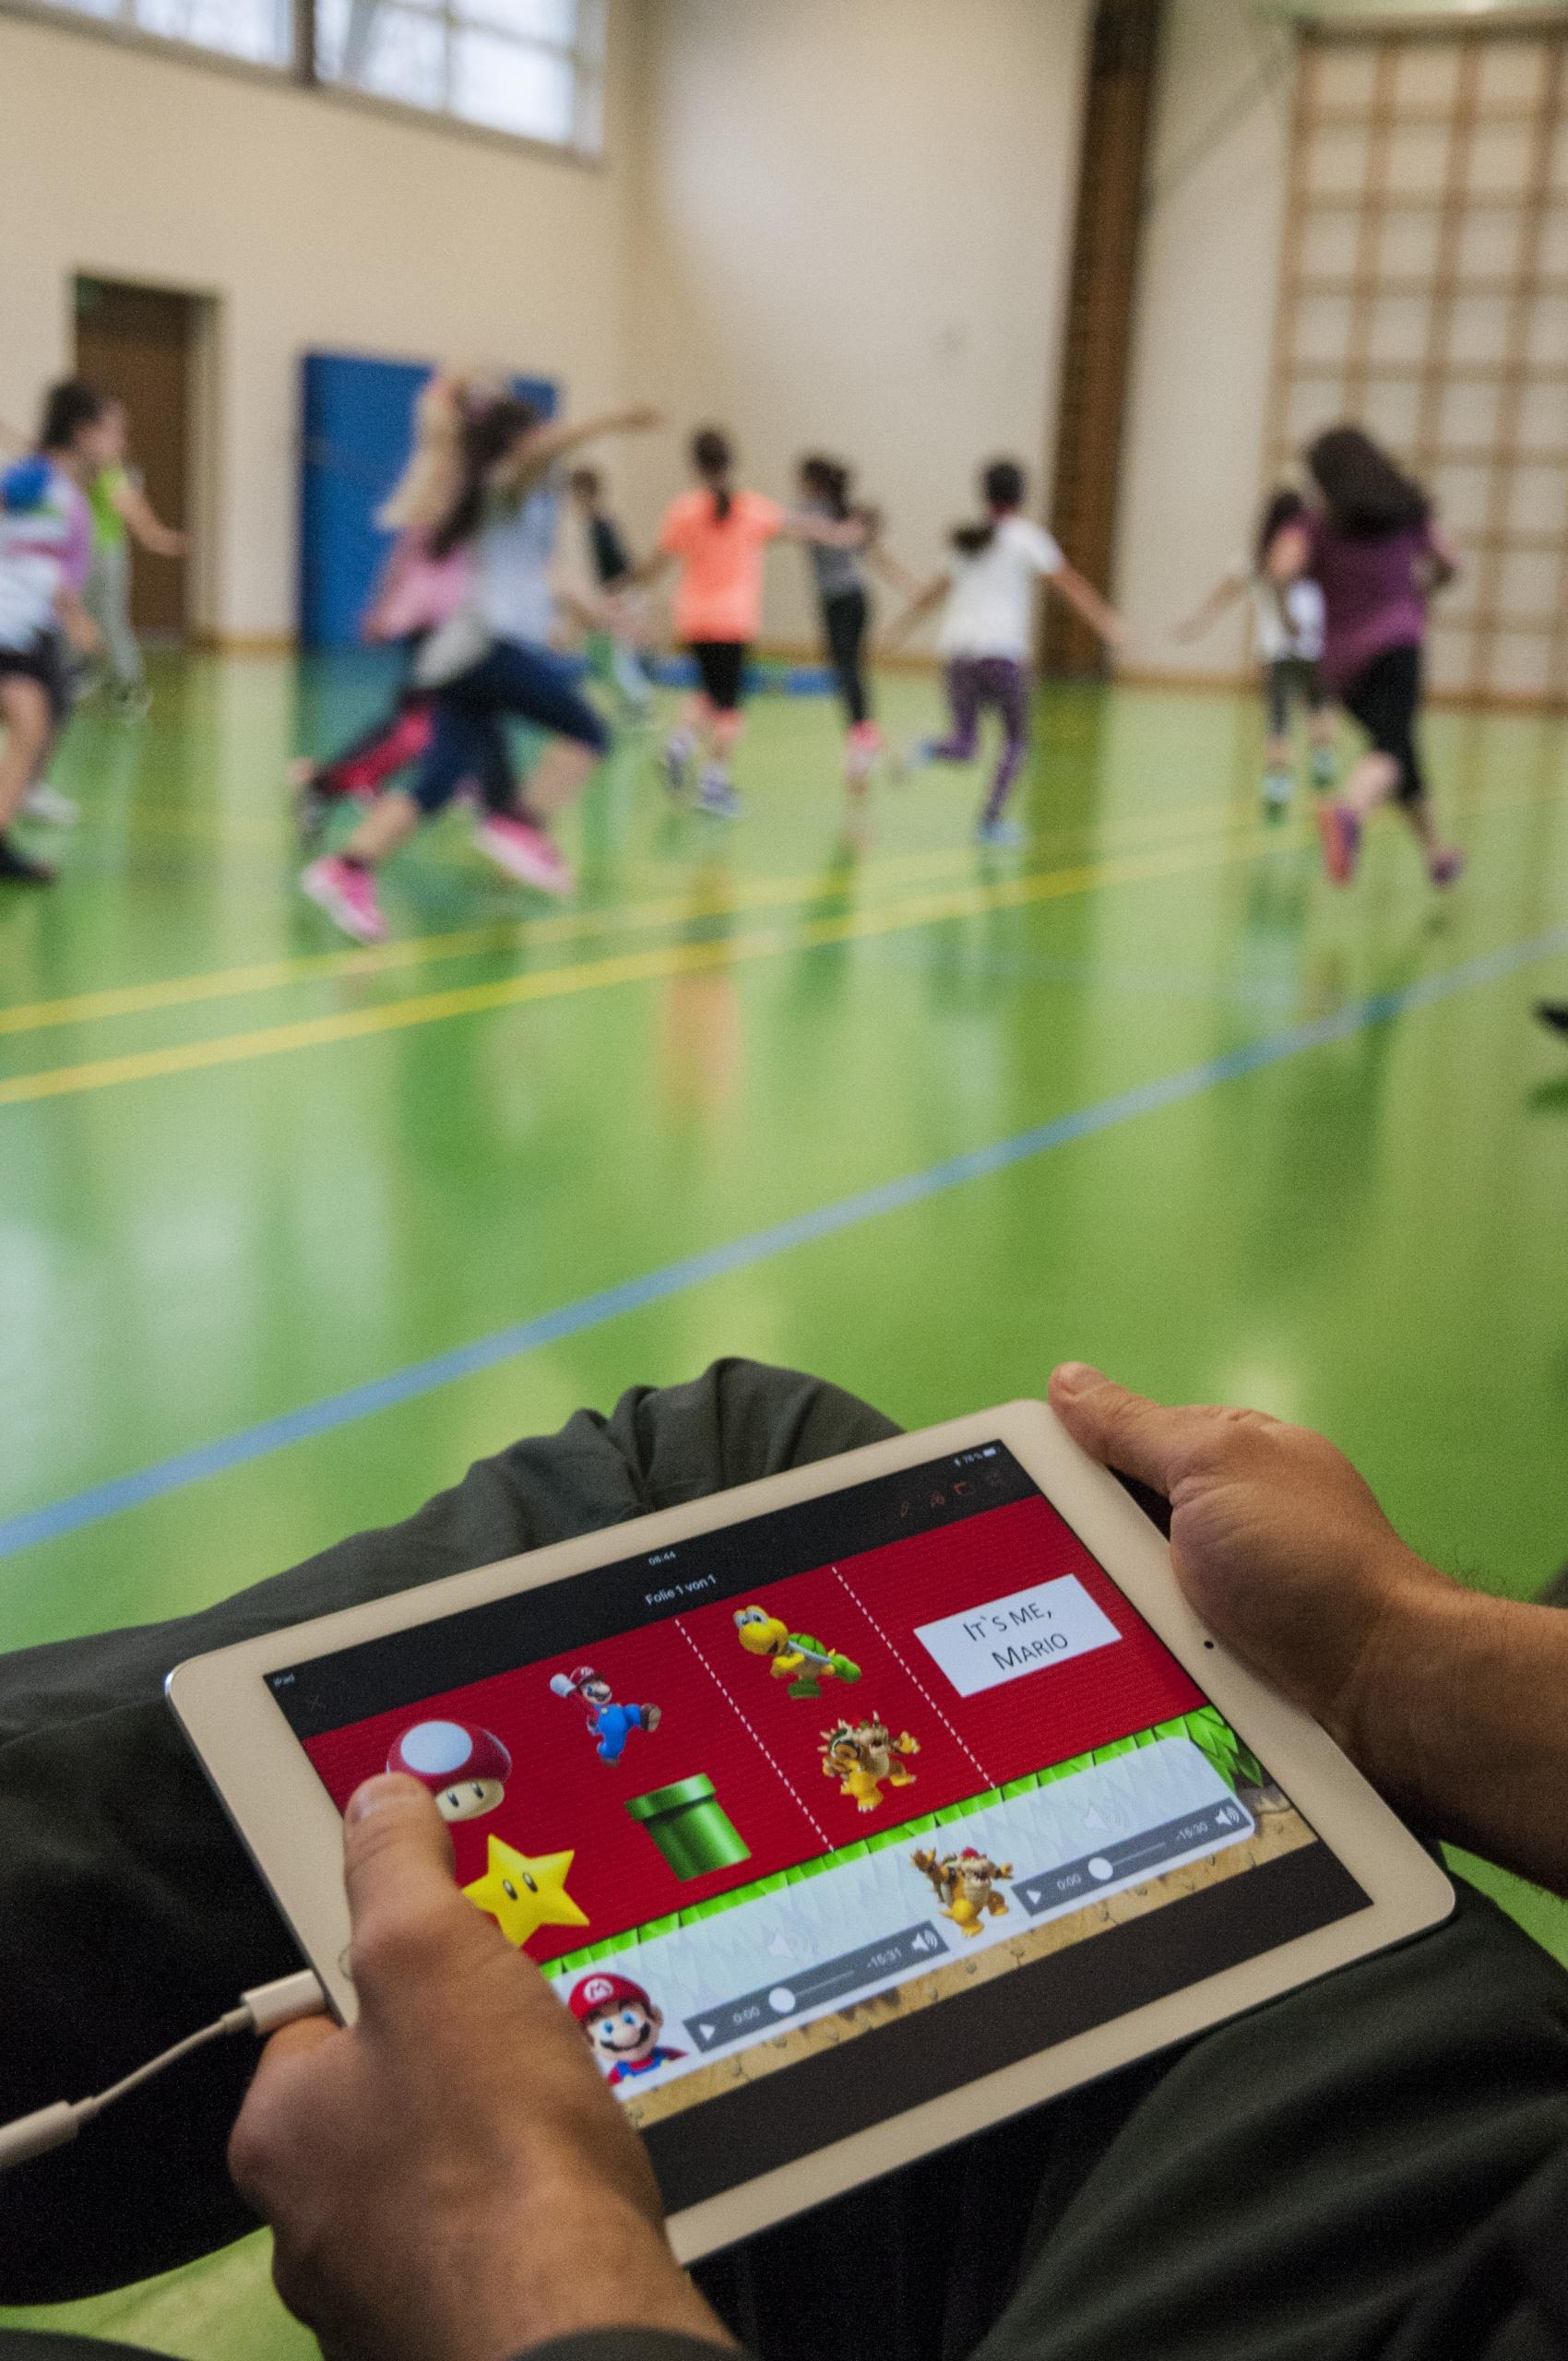 """Projekt """"Digitales Lernen Grundschule – Stuttgart/Ludwigsburg"""" (dileg-SL). Fotomotiv aus dem Teilprojekt """"Gaming im Sportunterricht – virtuelle Bewegungsräume schaffen reale Bewegungsanlässe"""" (Foto: dileg-SL)"""